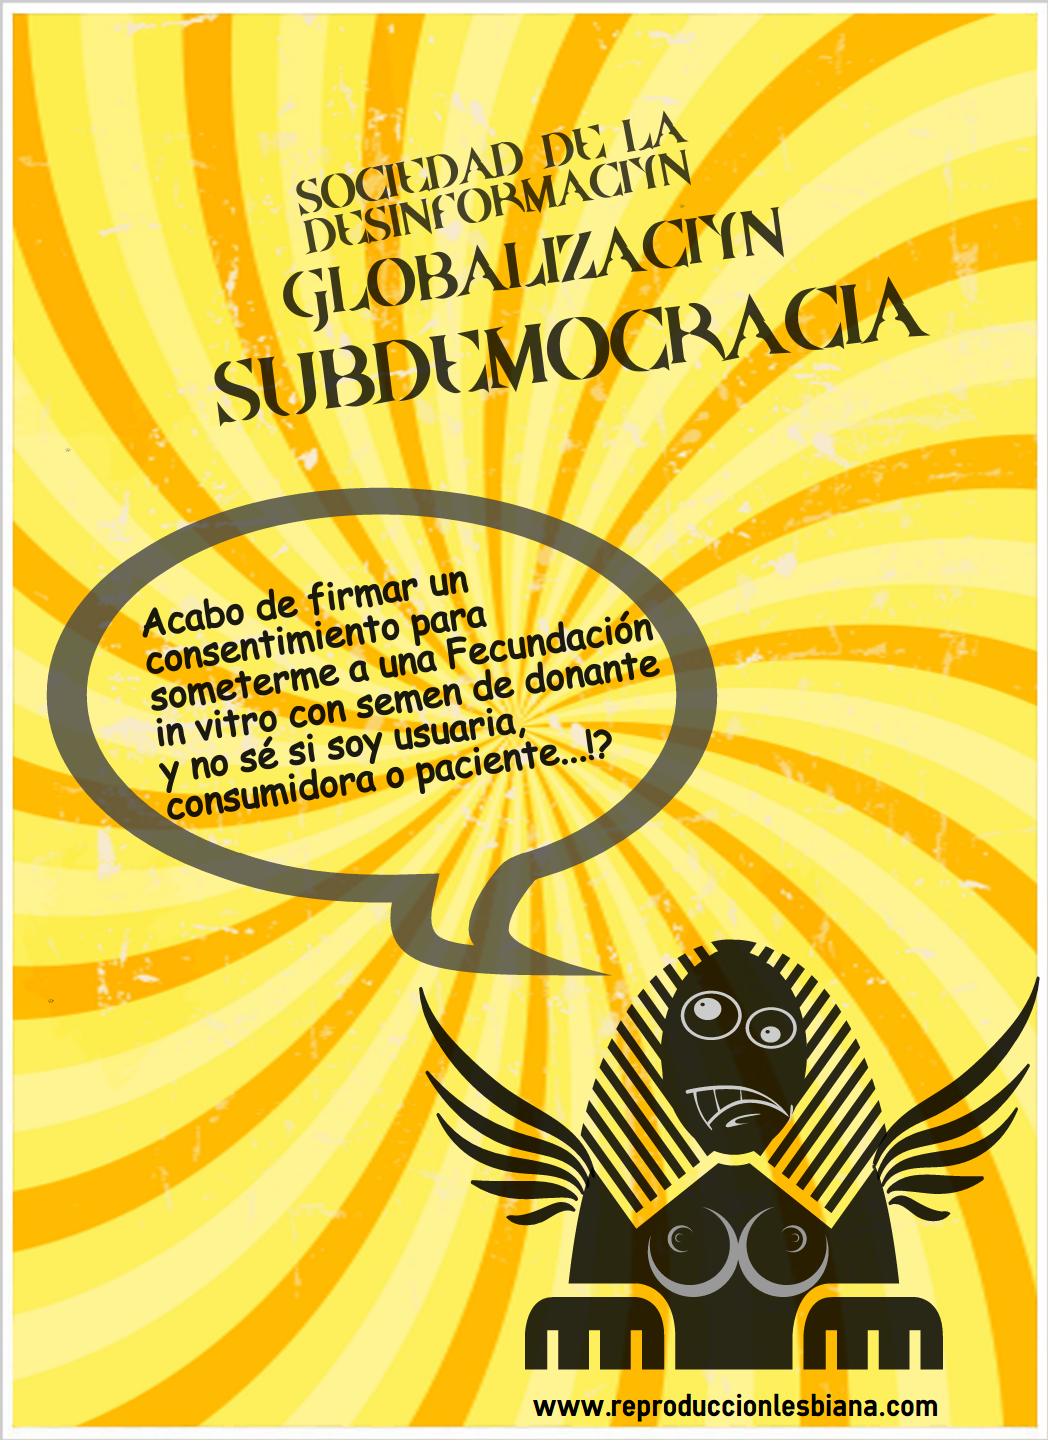 ¿somos usuarias, consumidoras o pacientes dentro de la reproducción ssistida en España?